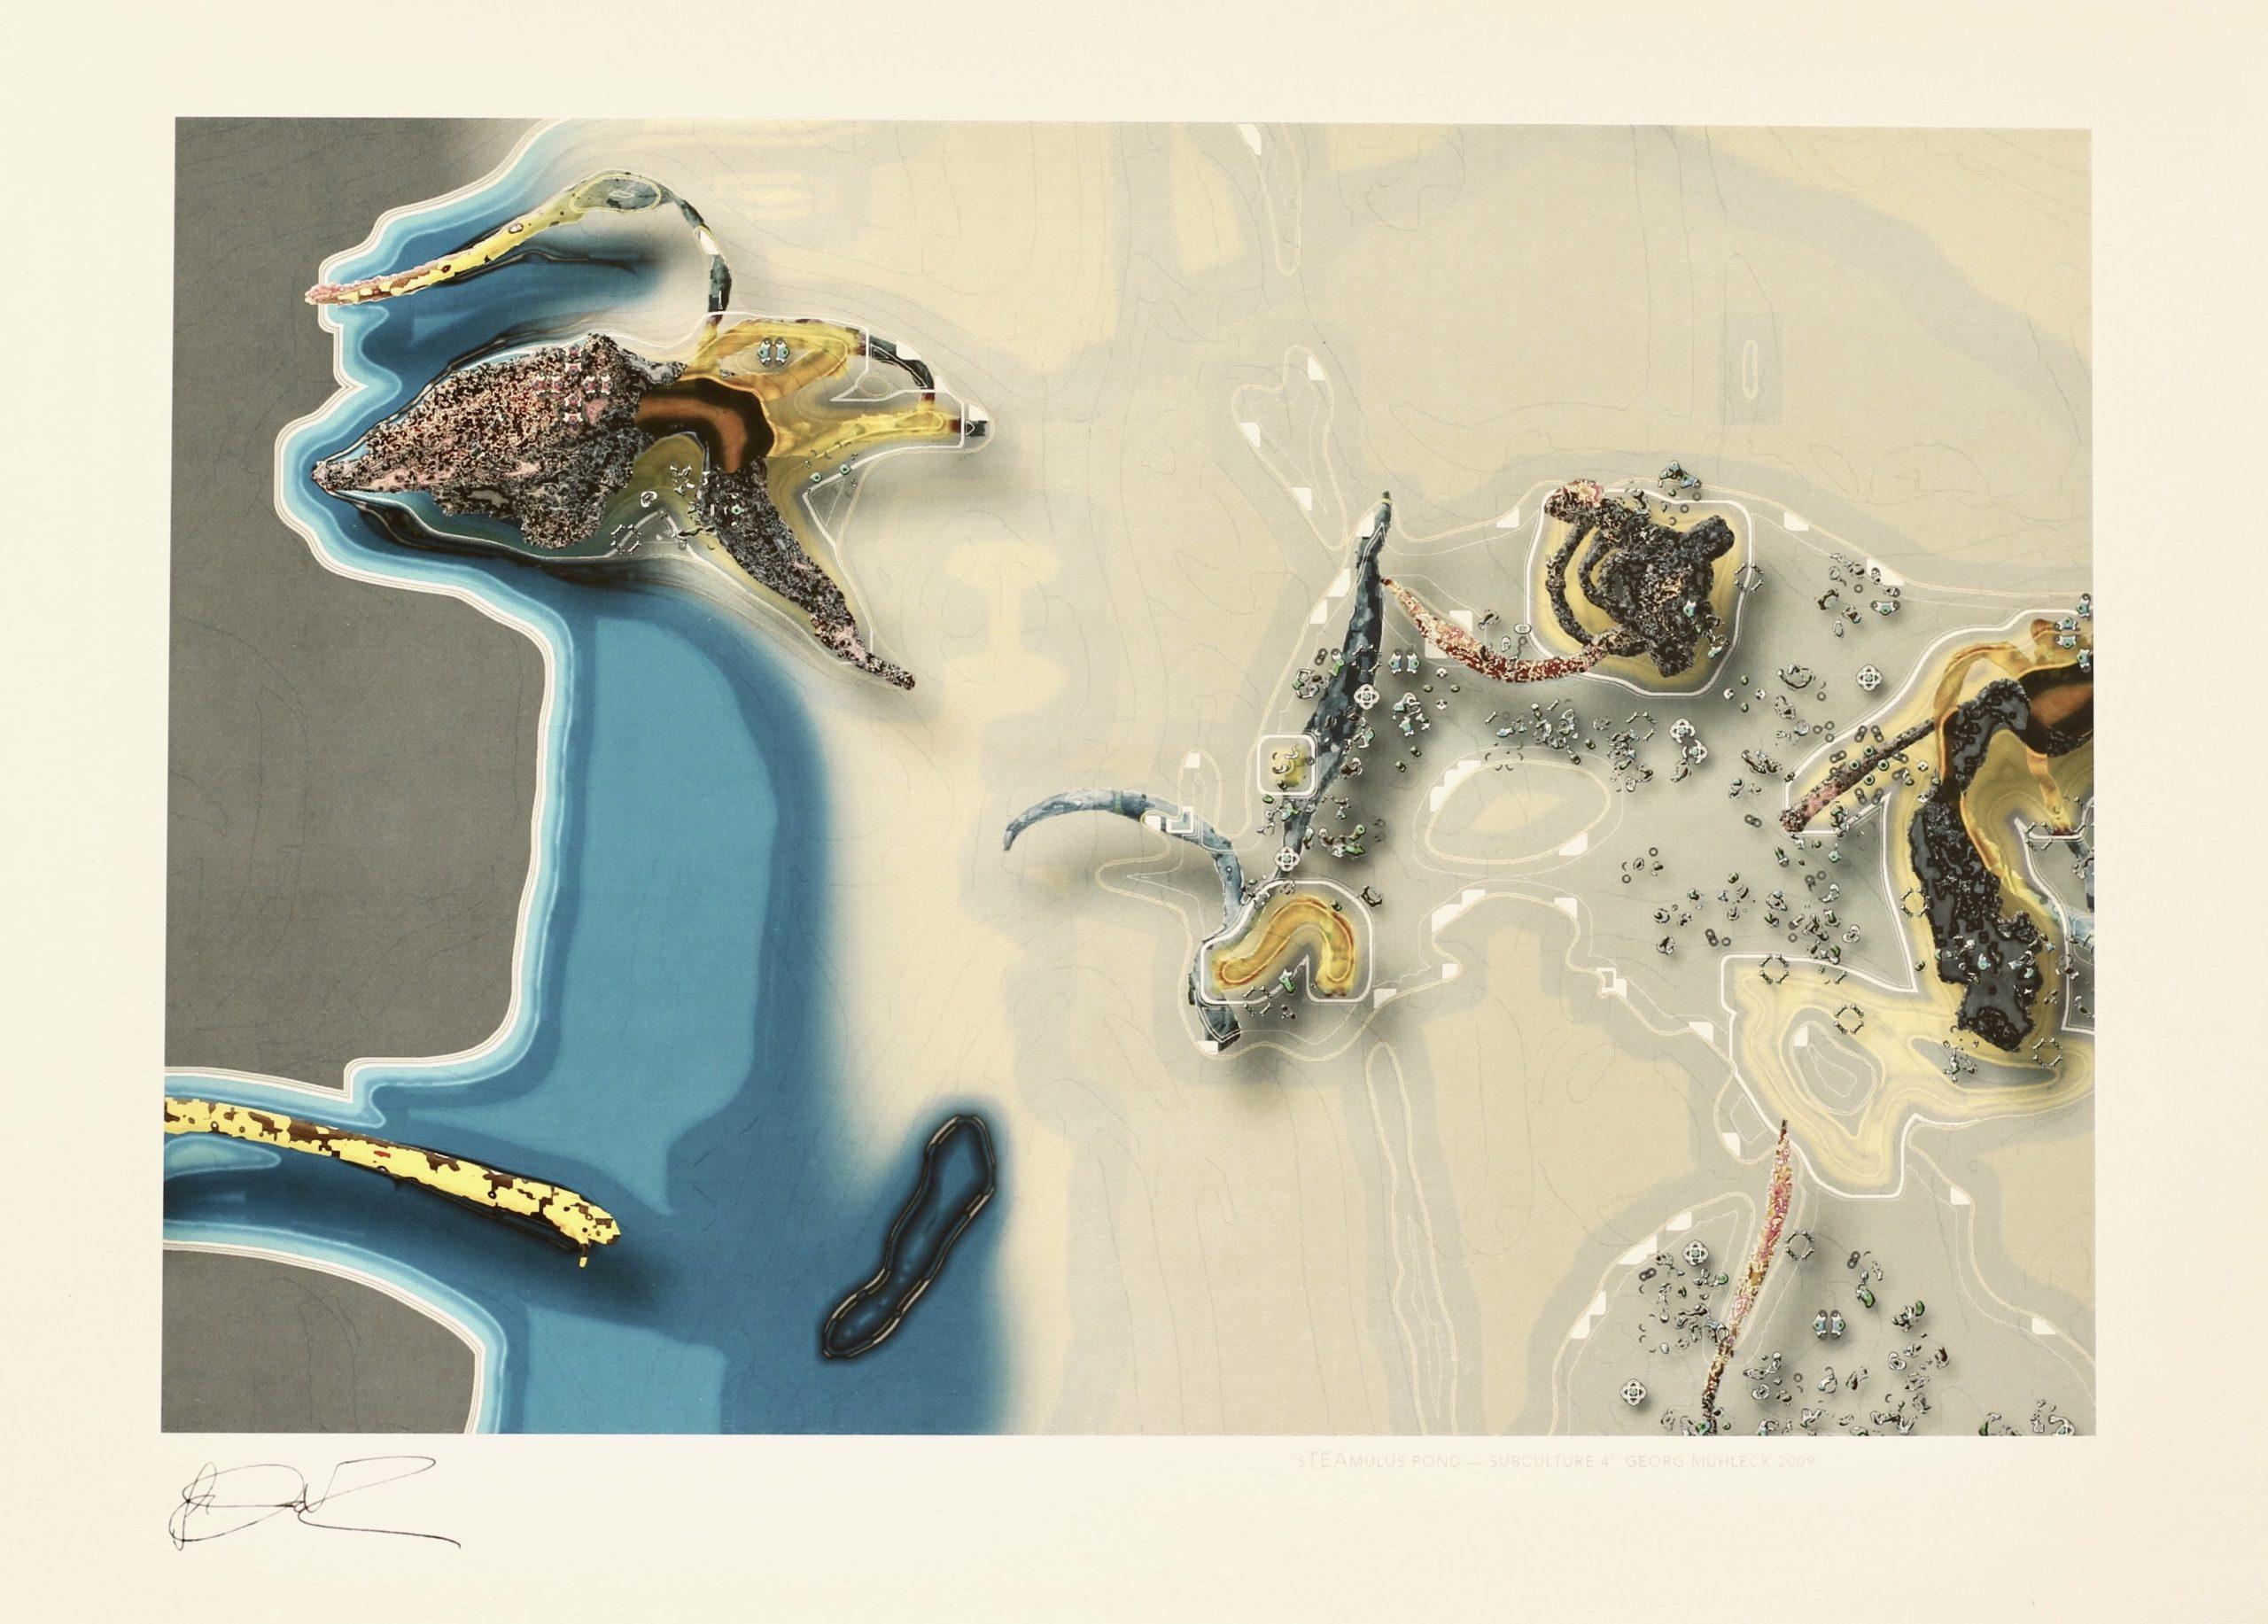 Georg Mühleck, sTEAmulus pond_subculture4, Hahnemühle Kunstdruck, 29,6 x 42 cm, Auflage von 50, 2009